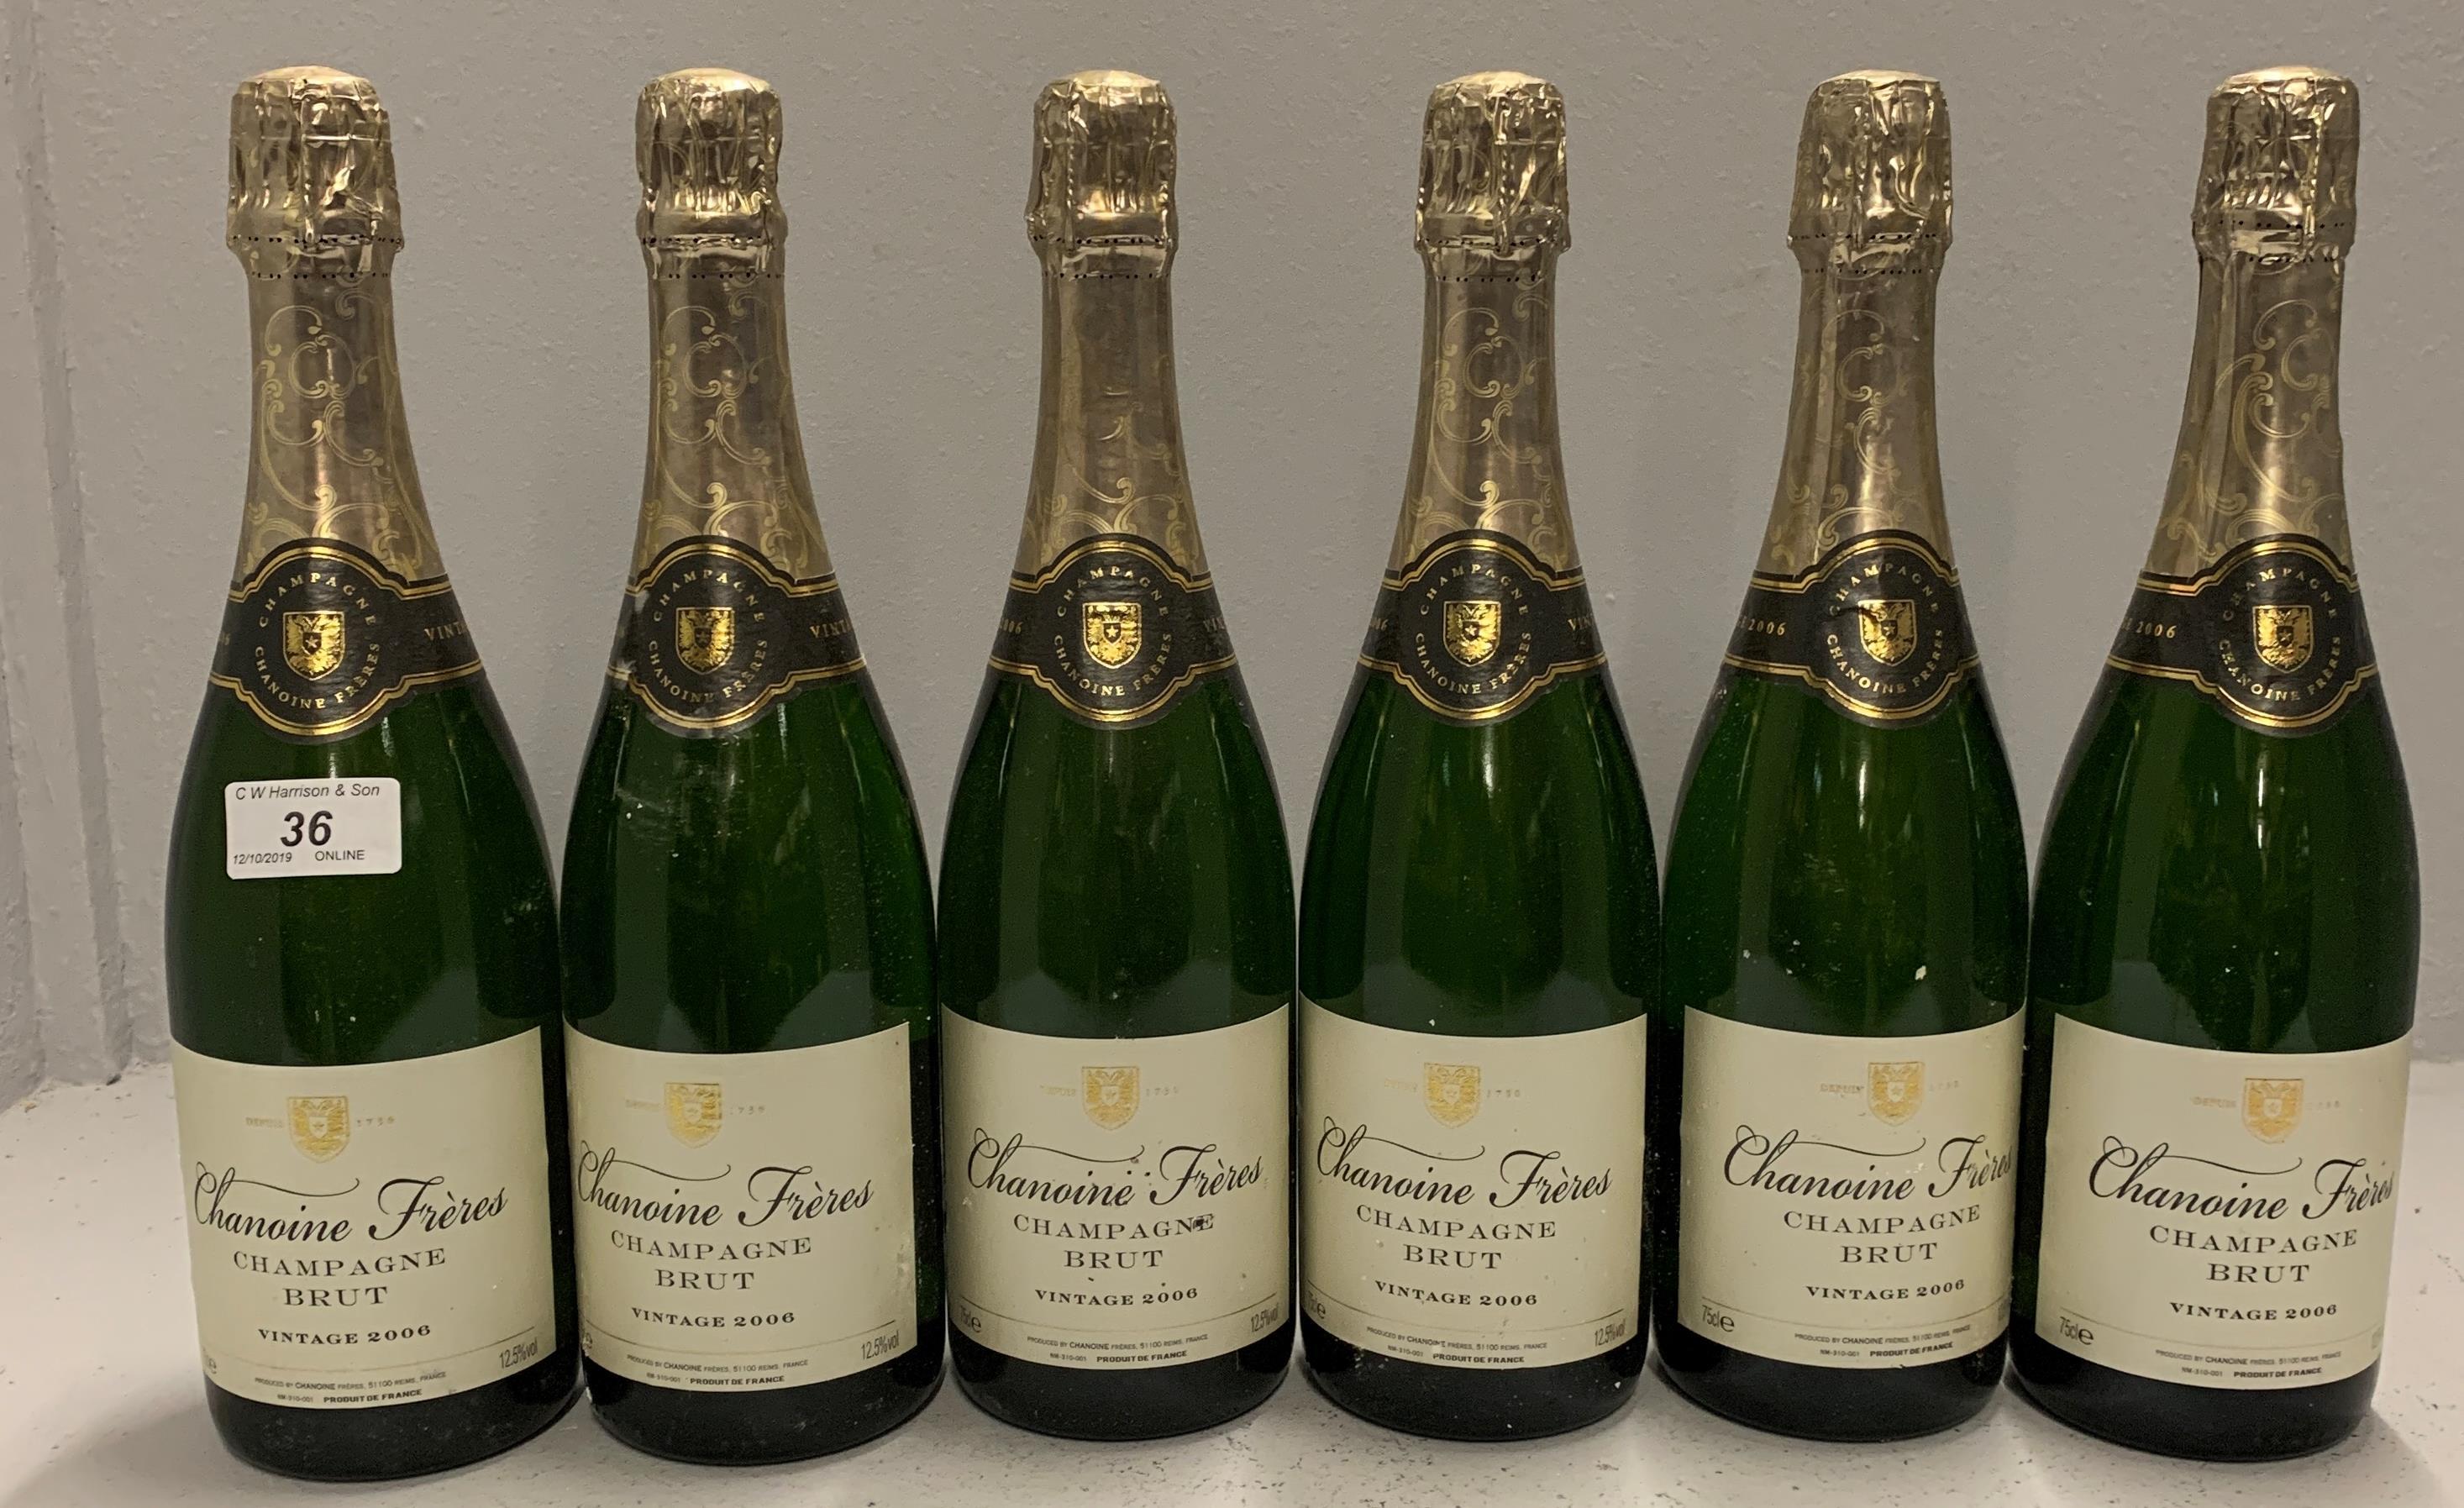 Lot 36 - 6 x 75cl bottles Chanoine Freres Champga